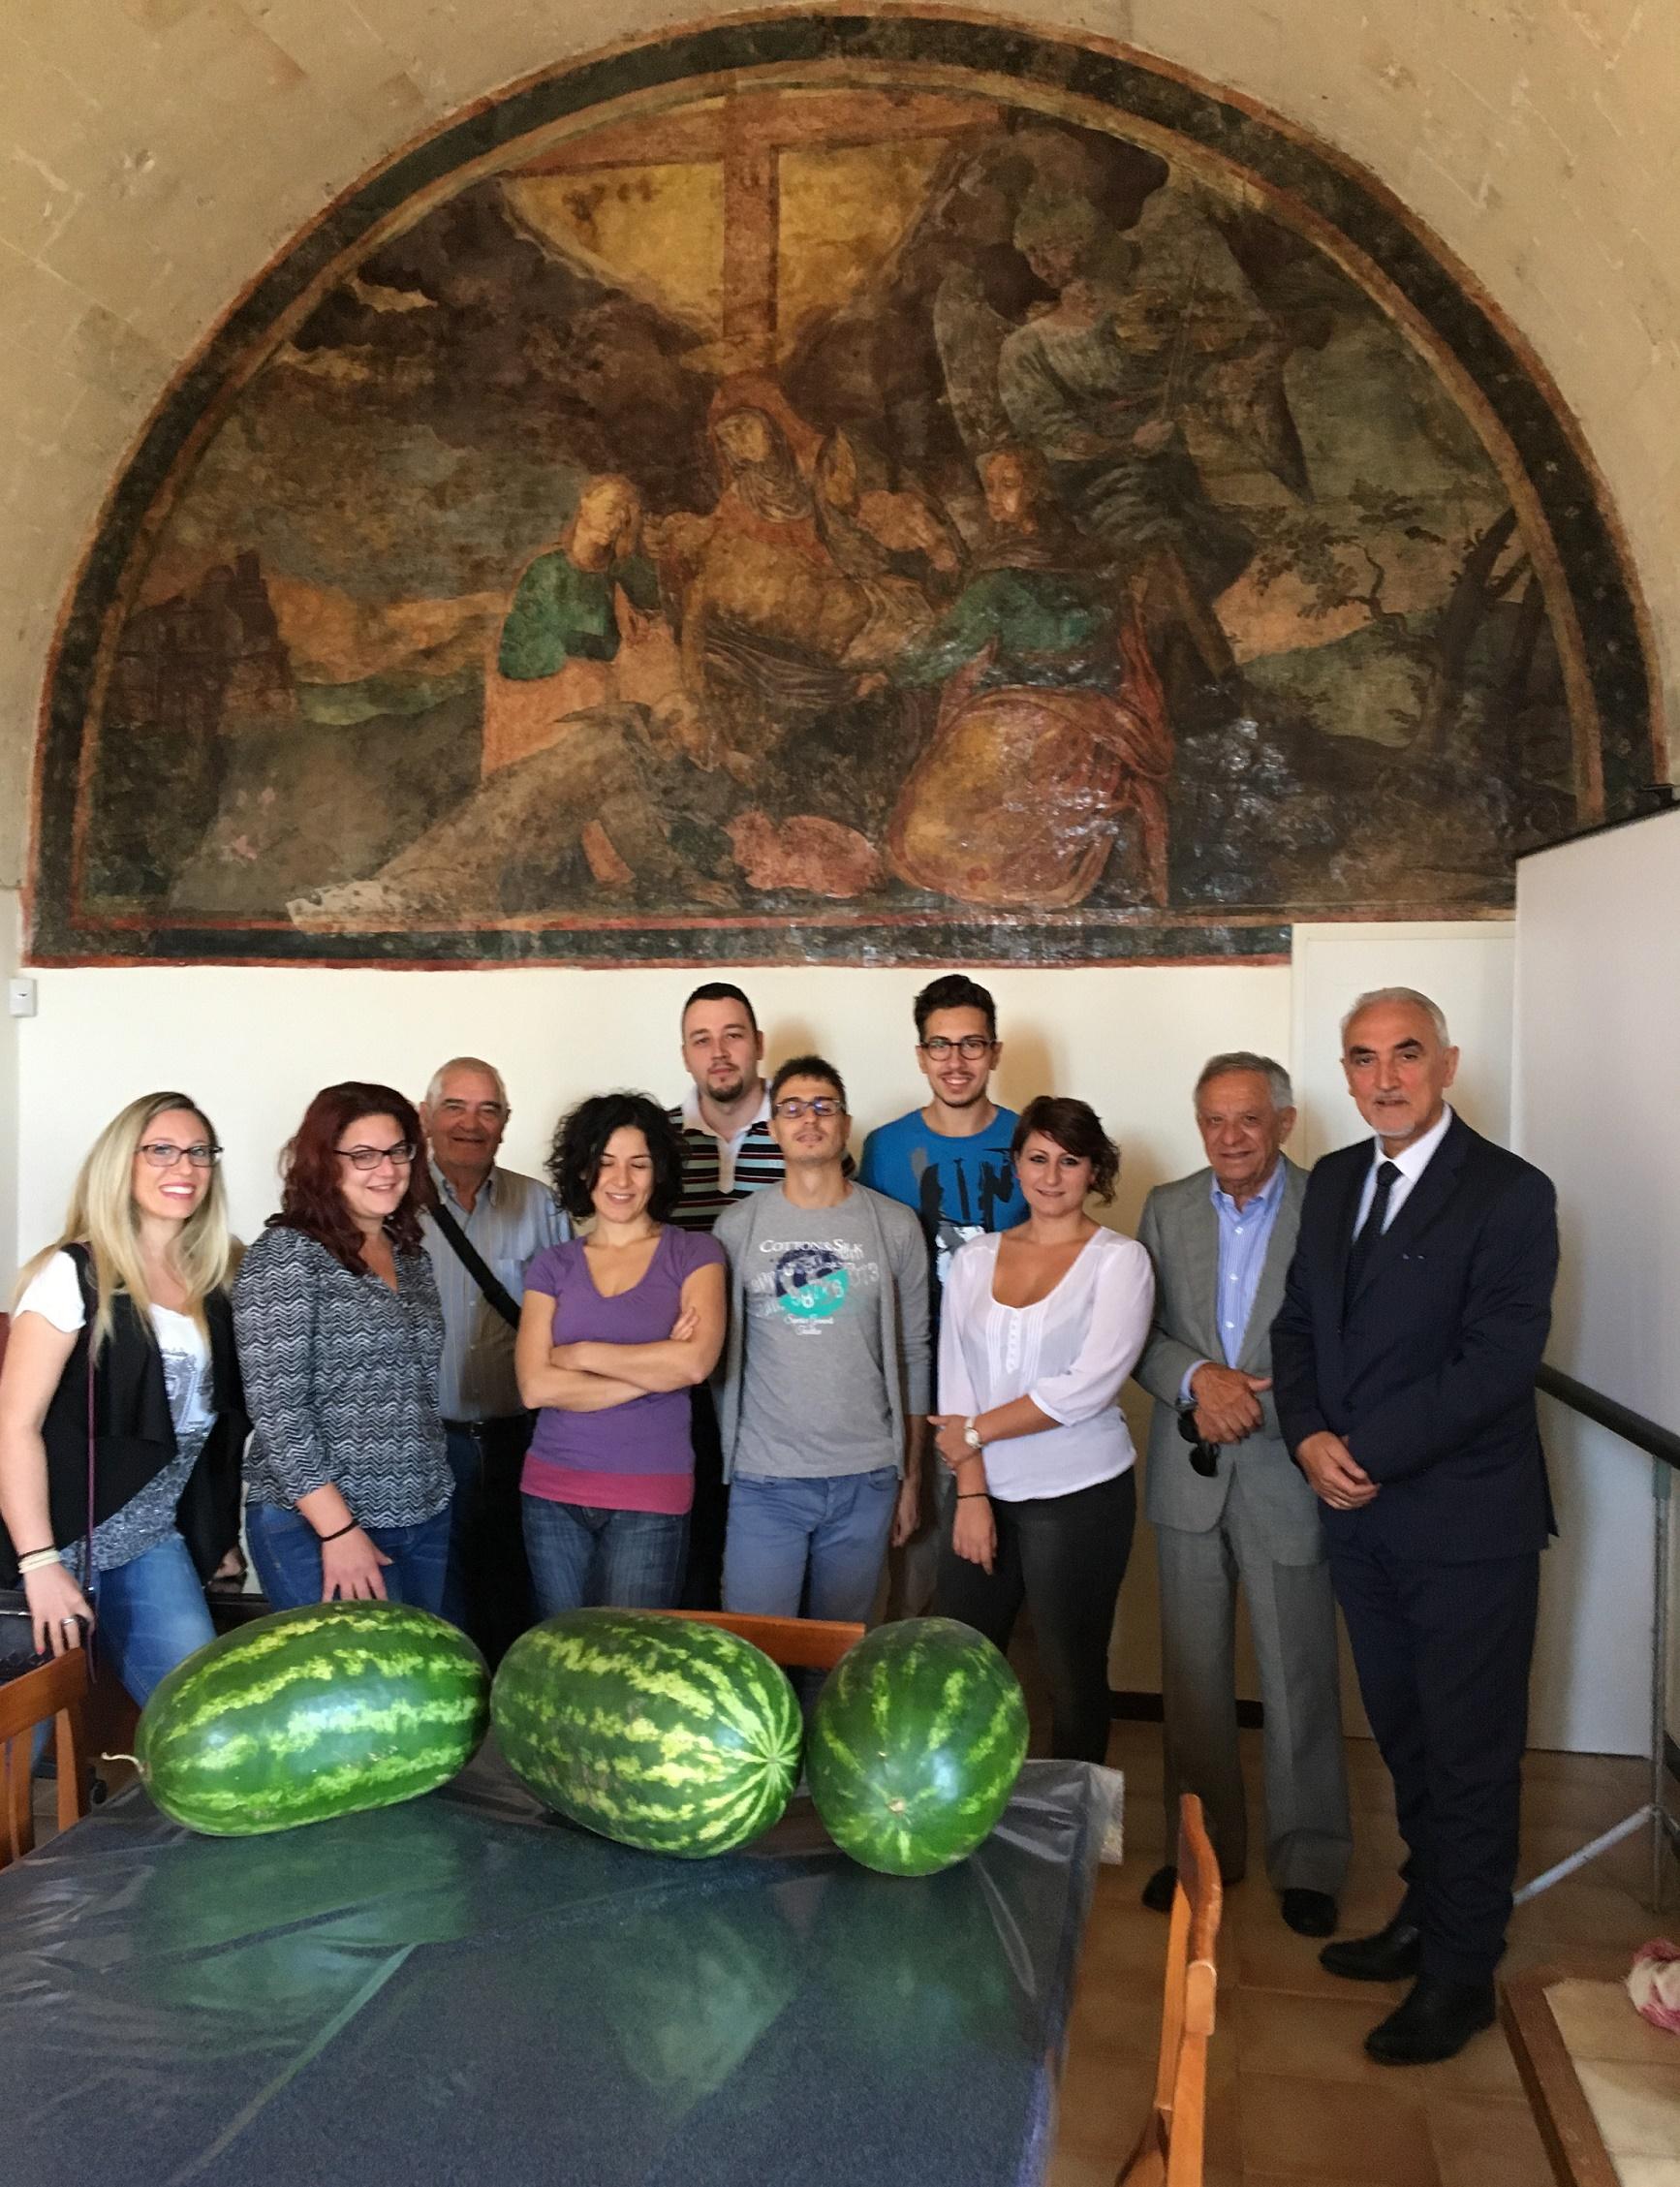 Studenti Universitari e Vita in Collegio a Pavia! Quali ricadute sulla Città se ci fosse un Collegio a Mesagne?